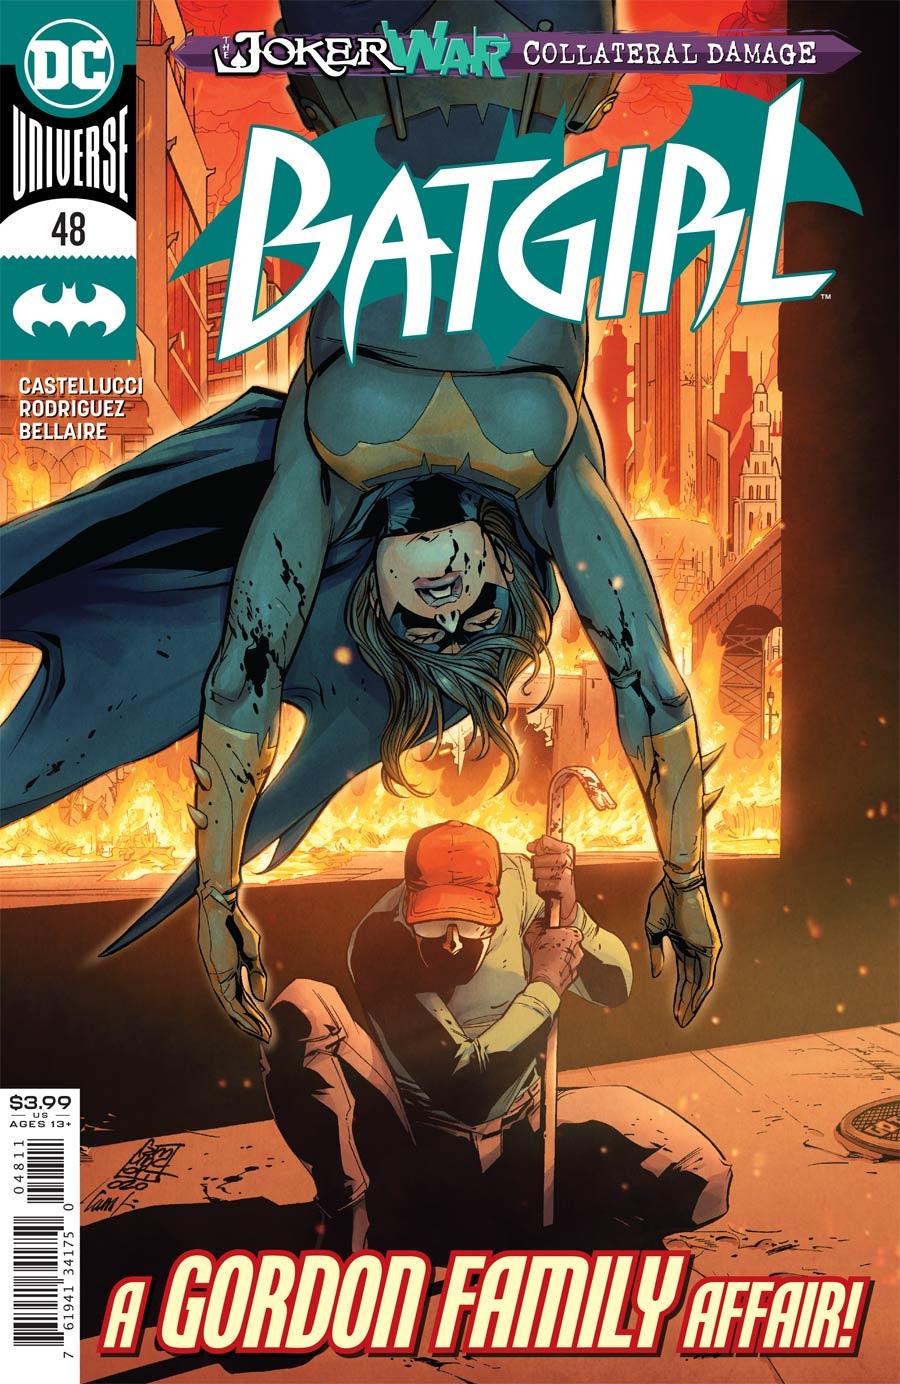 Batgirl Vol 5 #48 Cover A Regular Giuseppe Camuncoli Cover (Joker War Tie-In)